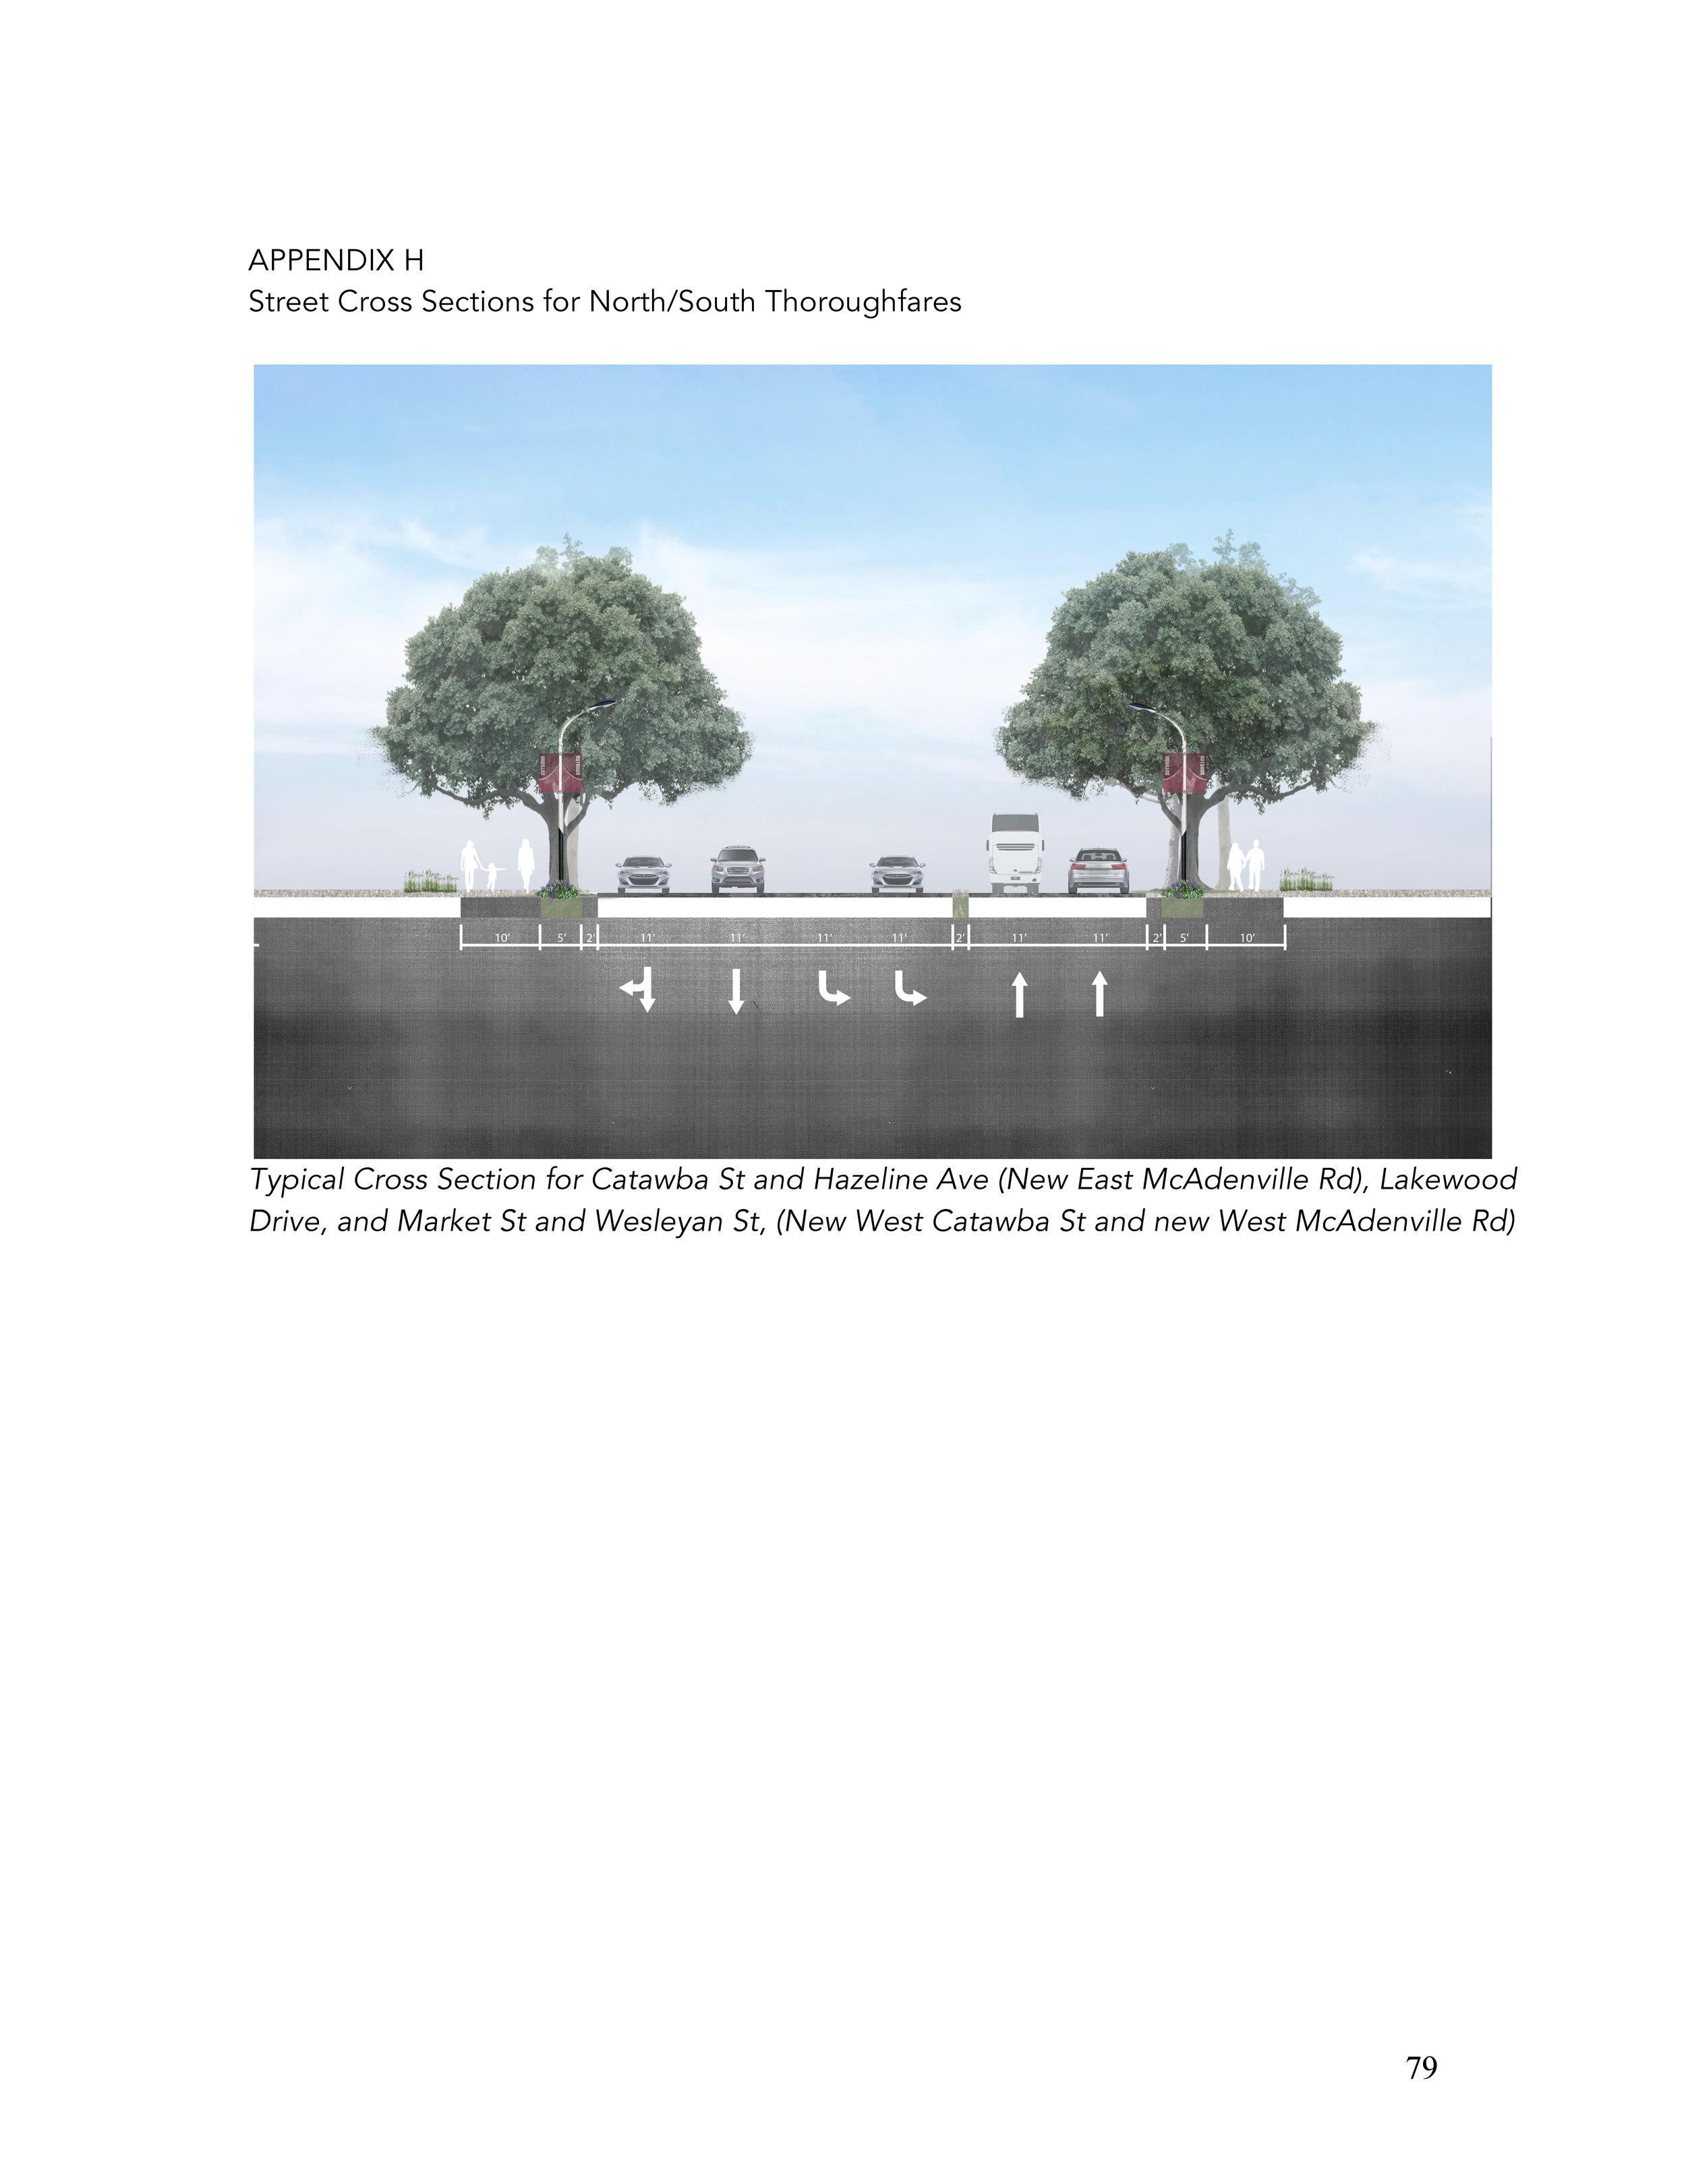 1 WilkinsonBlvd Draft Report 1-22-15 RH_Peter Edit_Page_79.jpg